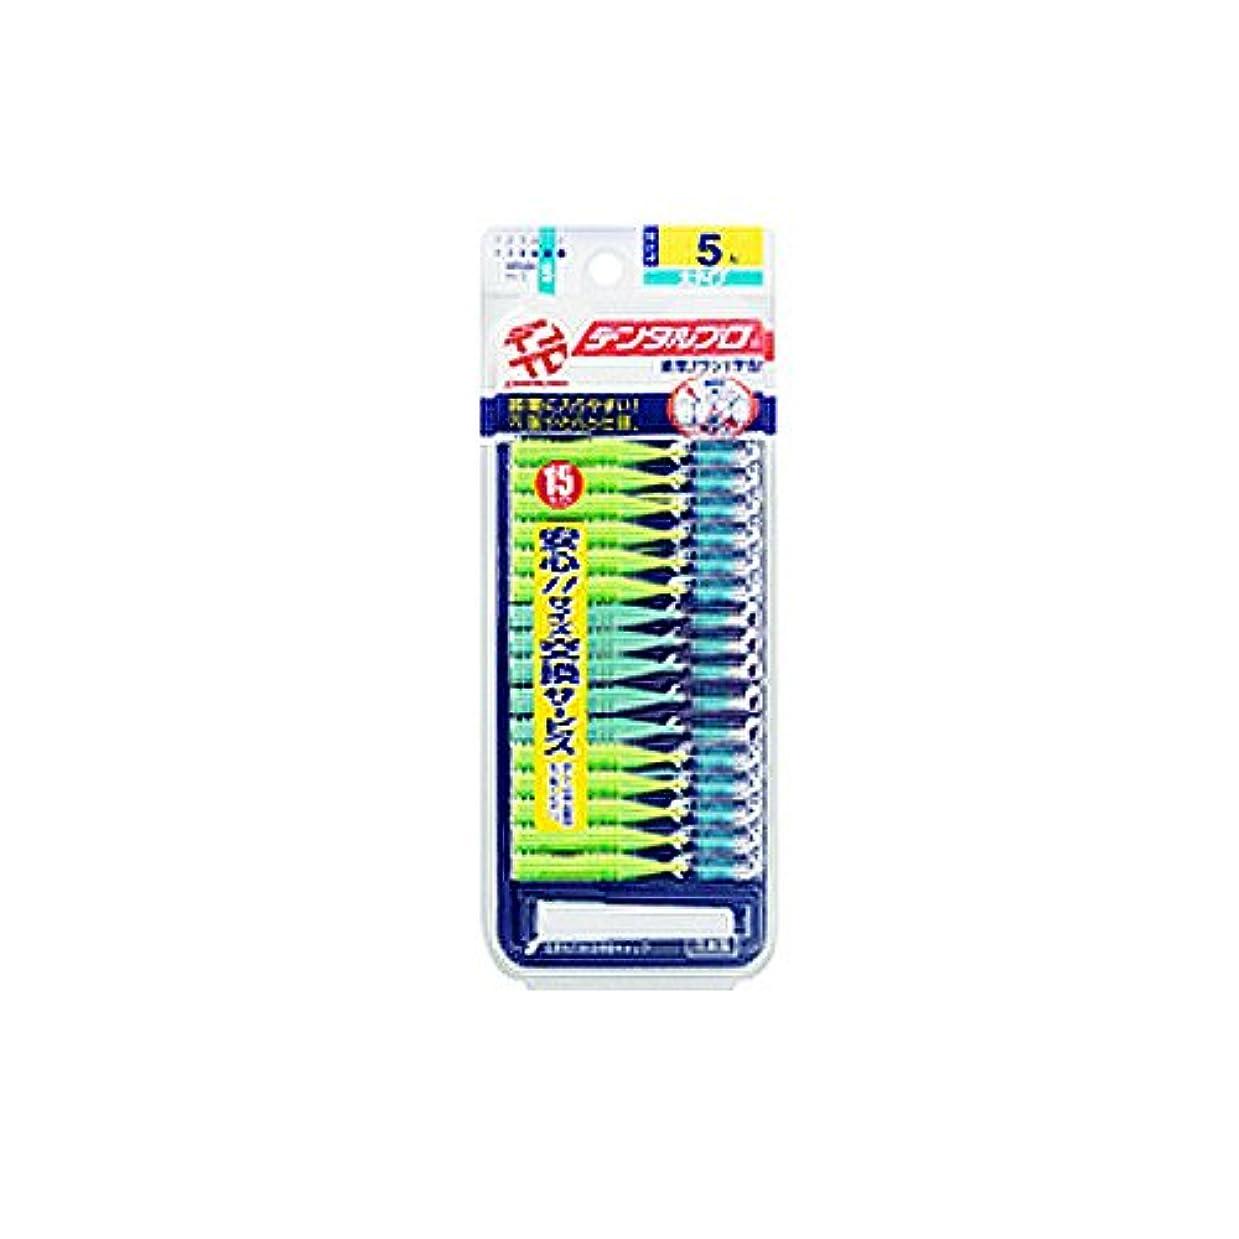 創始者問い合わせ酸っぱいデンタルプロ 歯間ブラシ I字型 15本入り サイズ5(L)